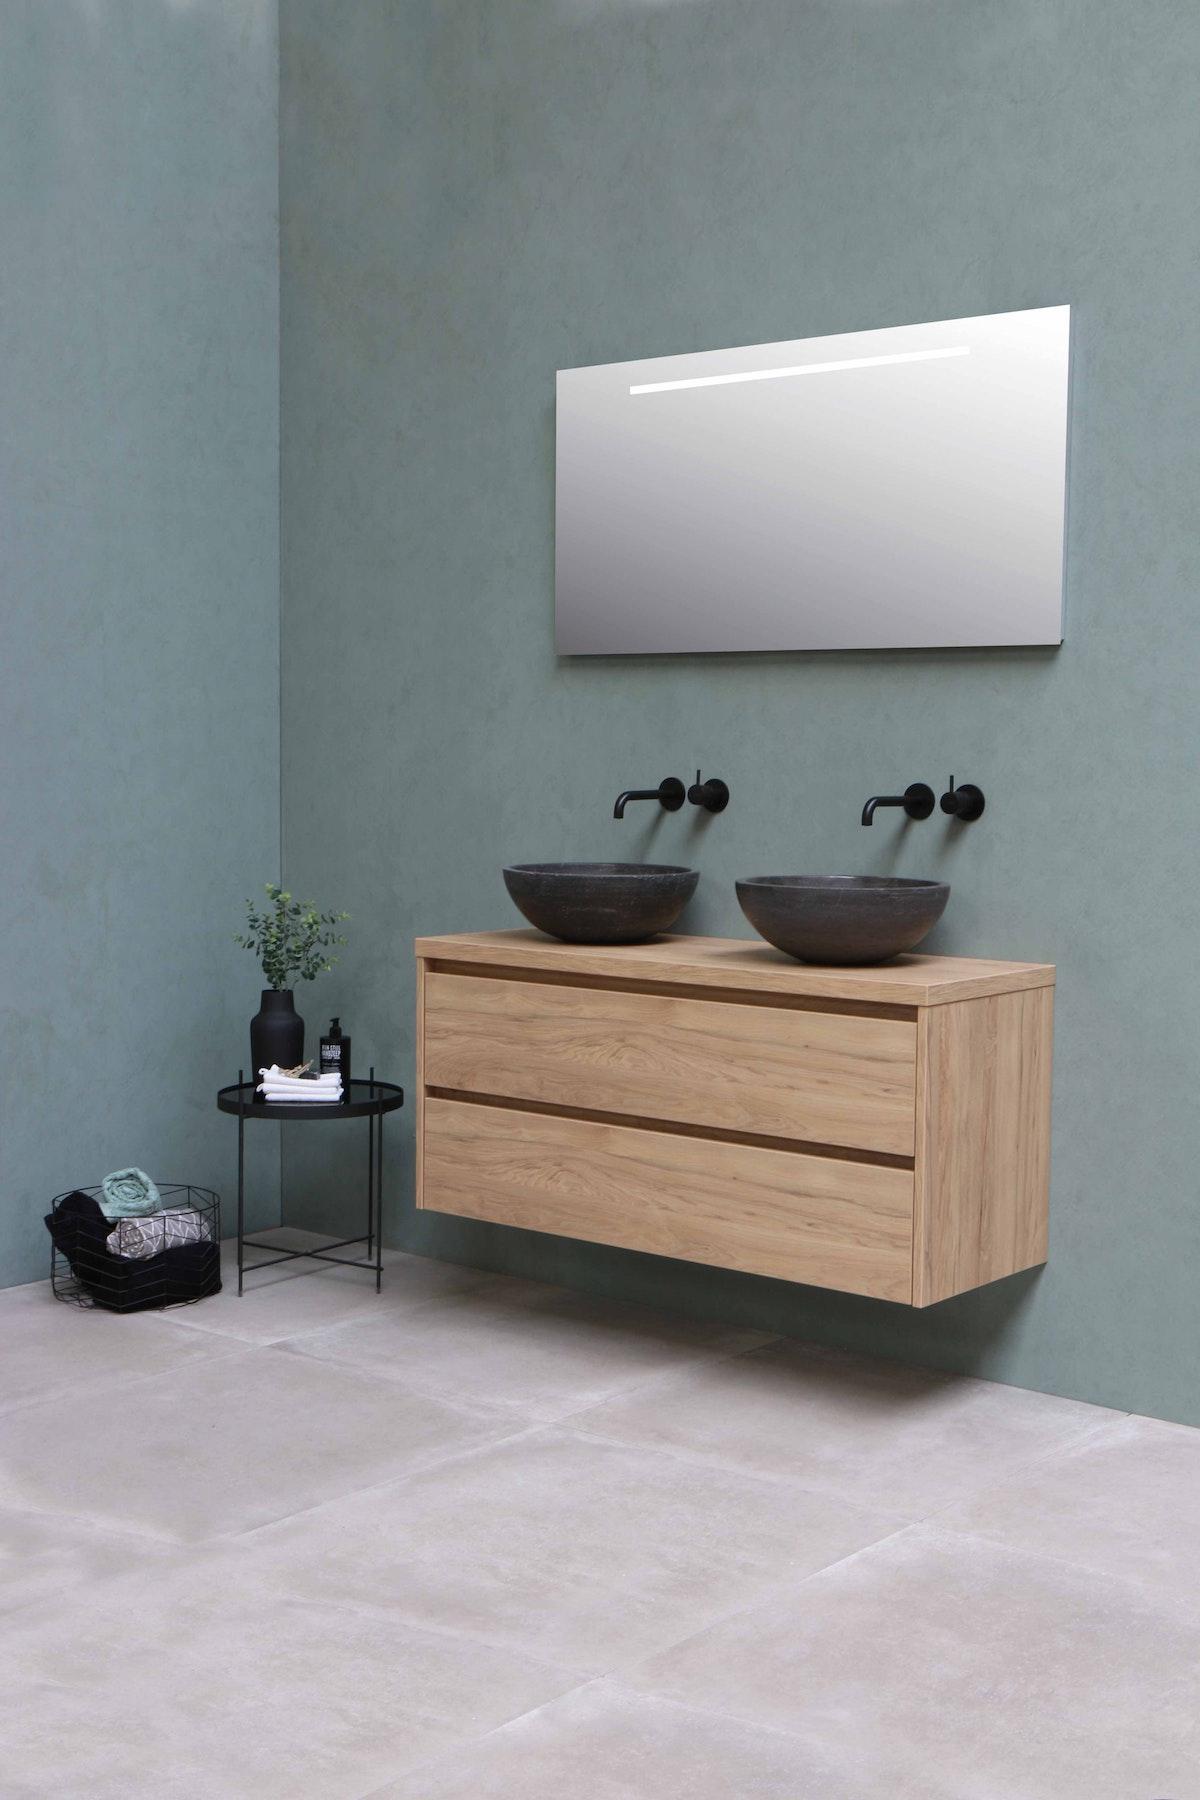 Mounted Bathroom Vanity in Oak